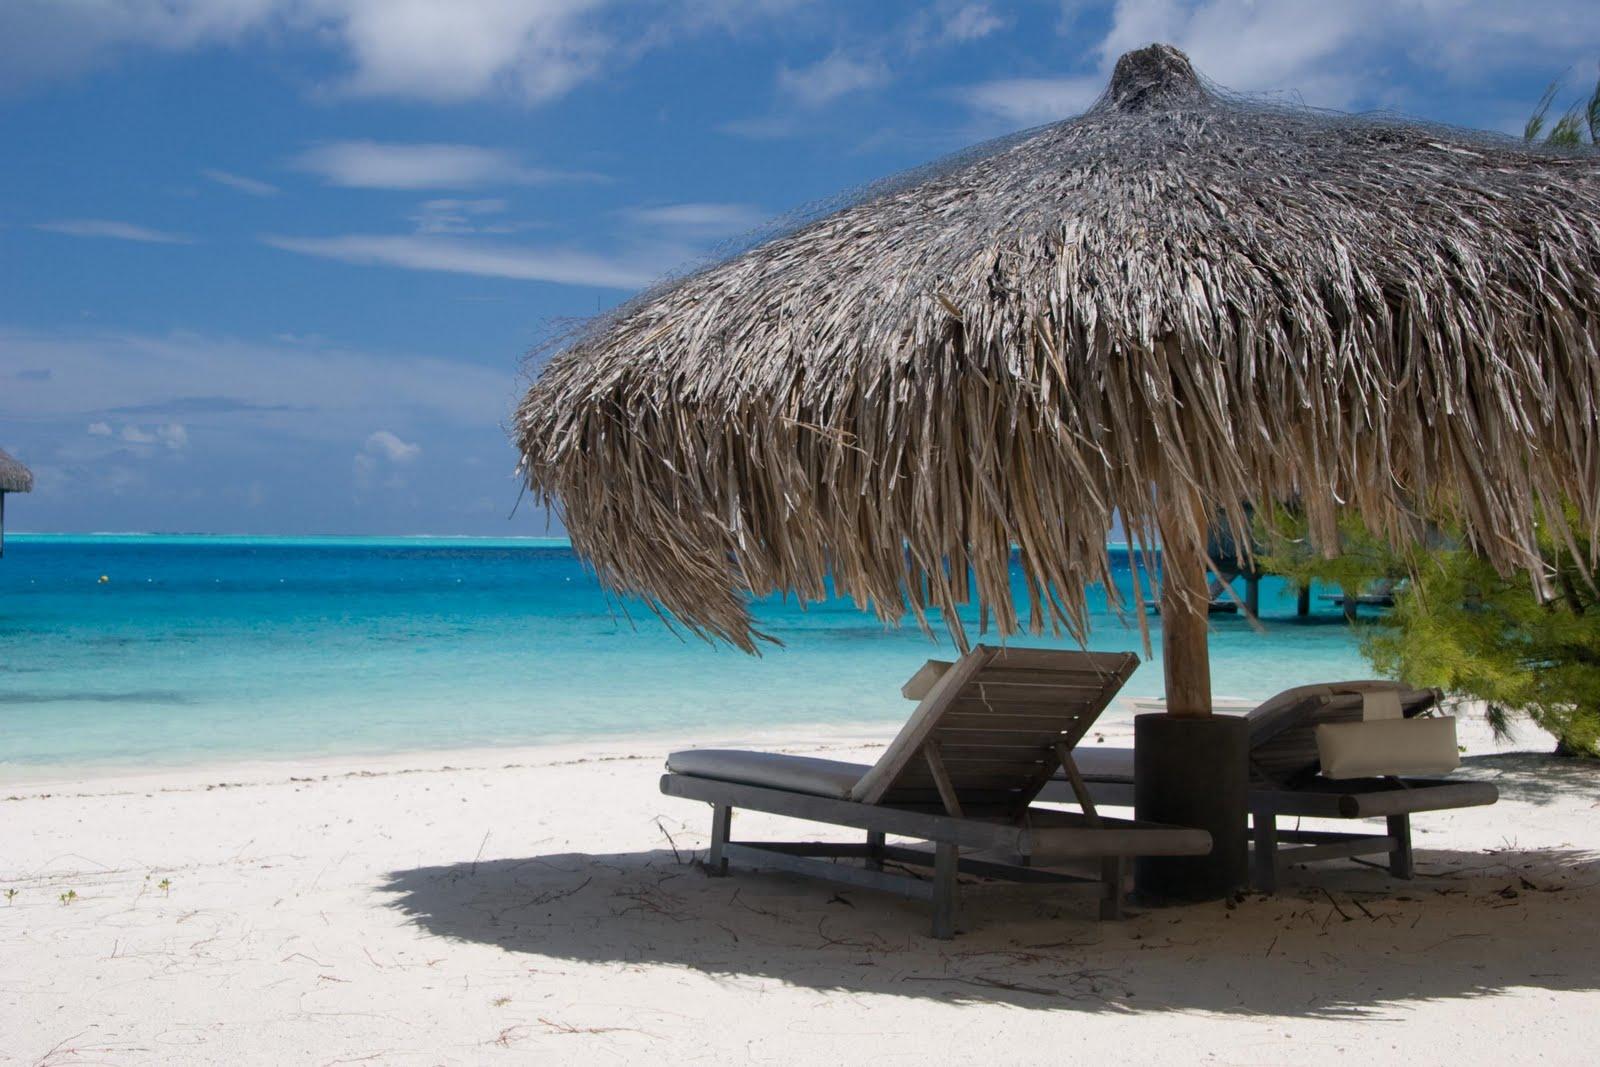 Κορωνοϊός: Πώς θα έρθουν φέτος οι τουρίστες